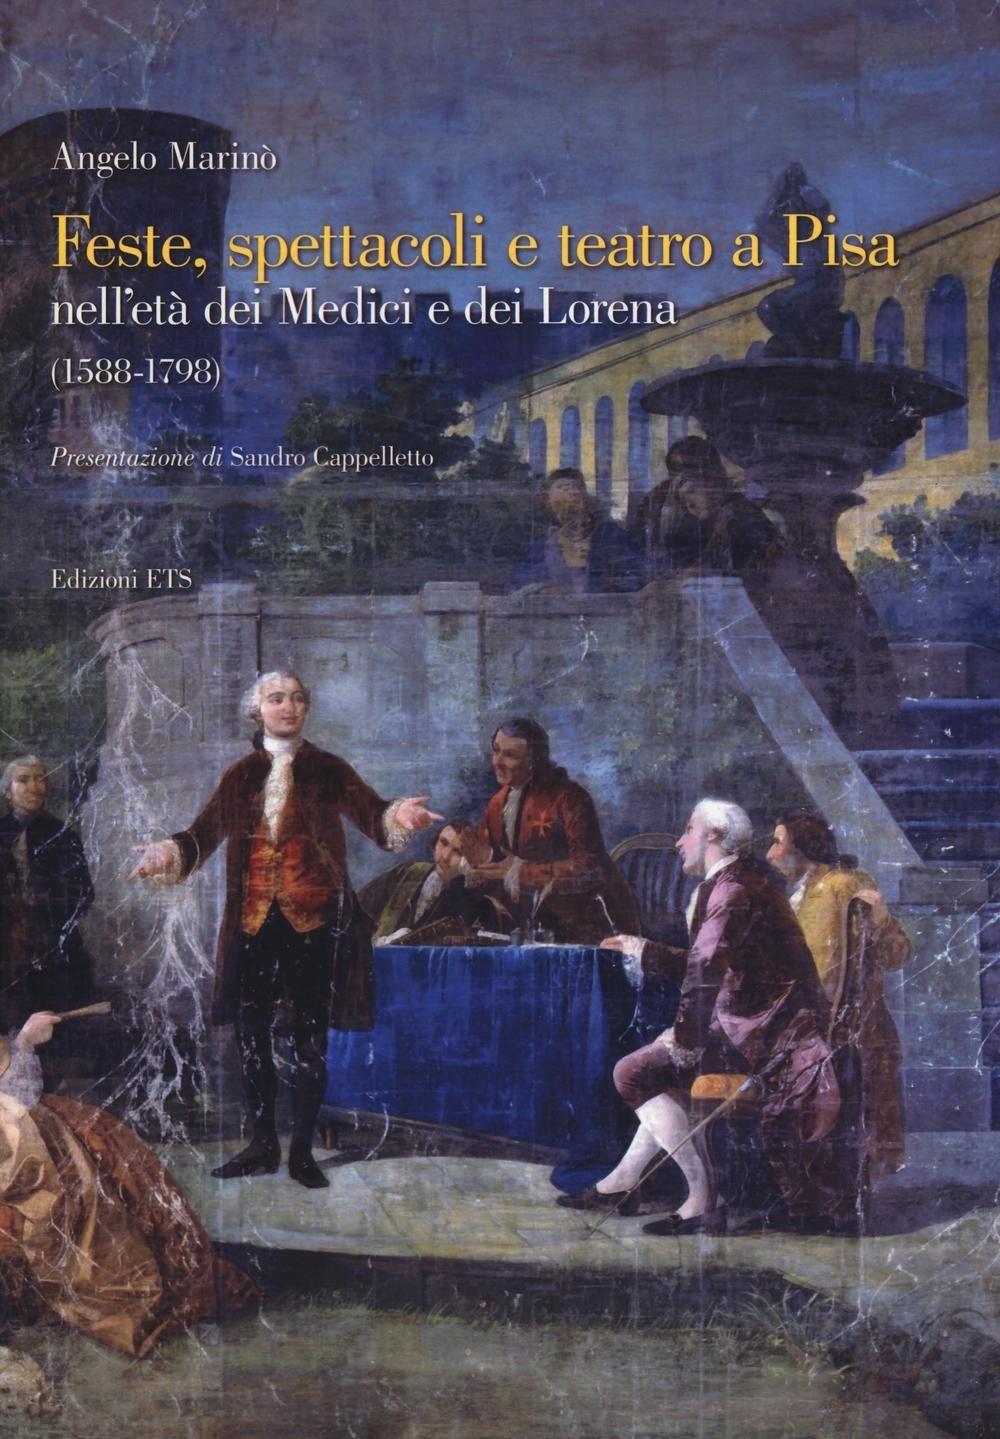 Feste, Spettacoli e Teatro a Pisa nell'Età dei Medici e dei Lorena (1588-1798).